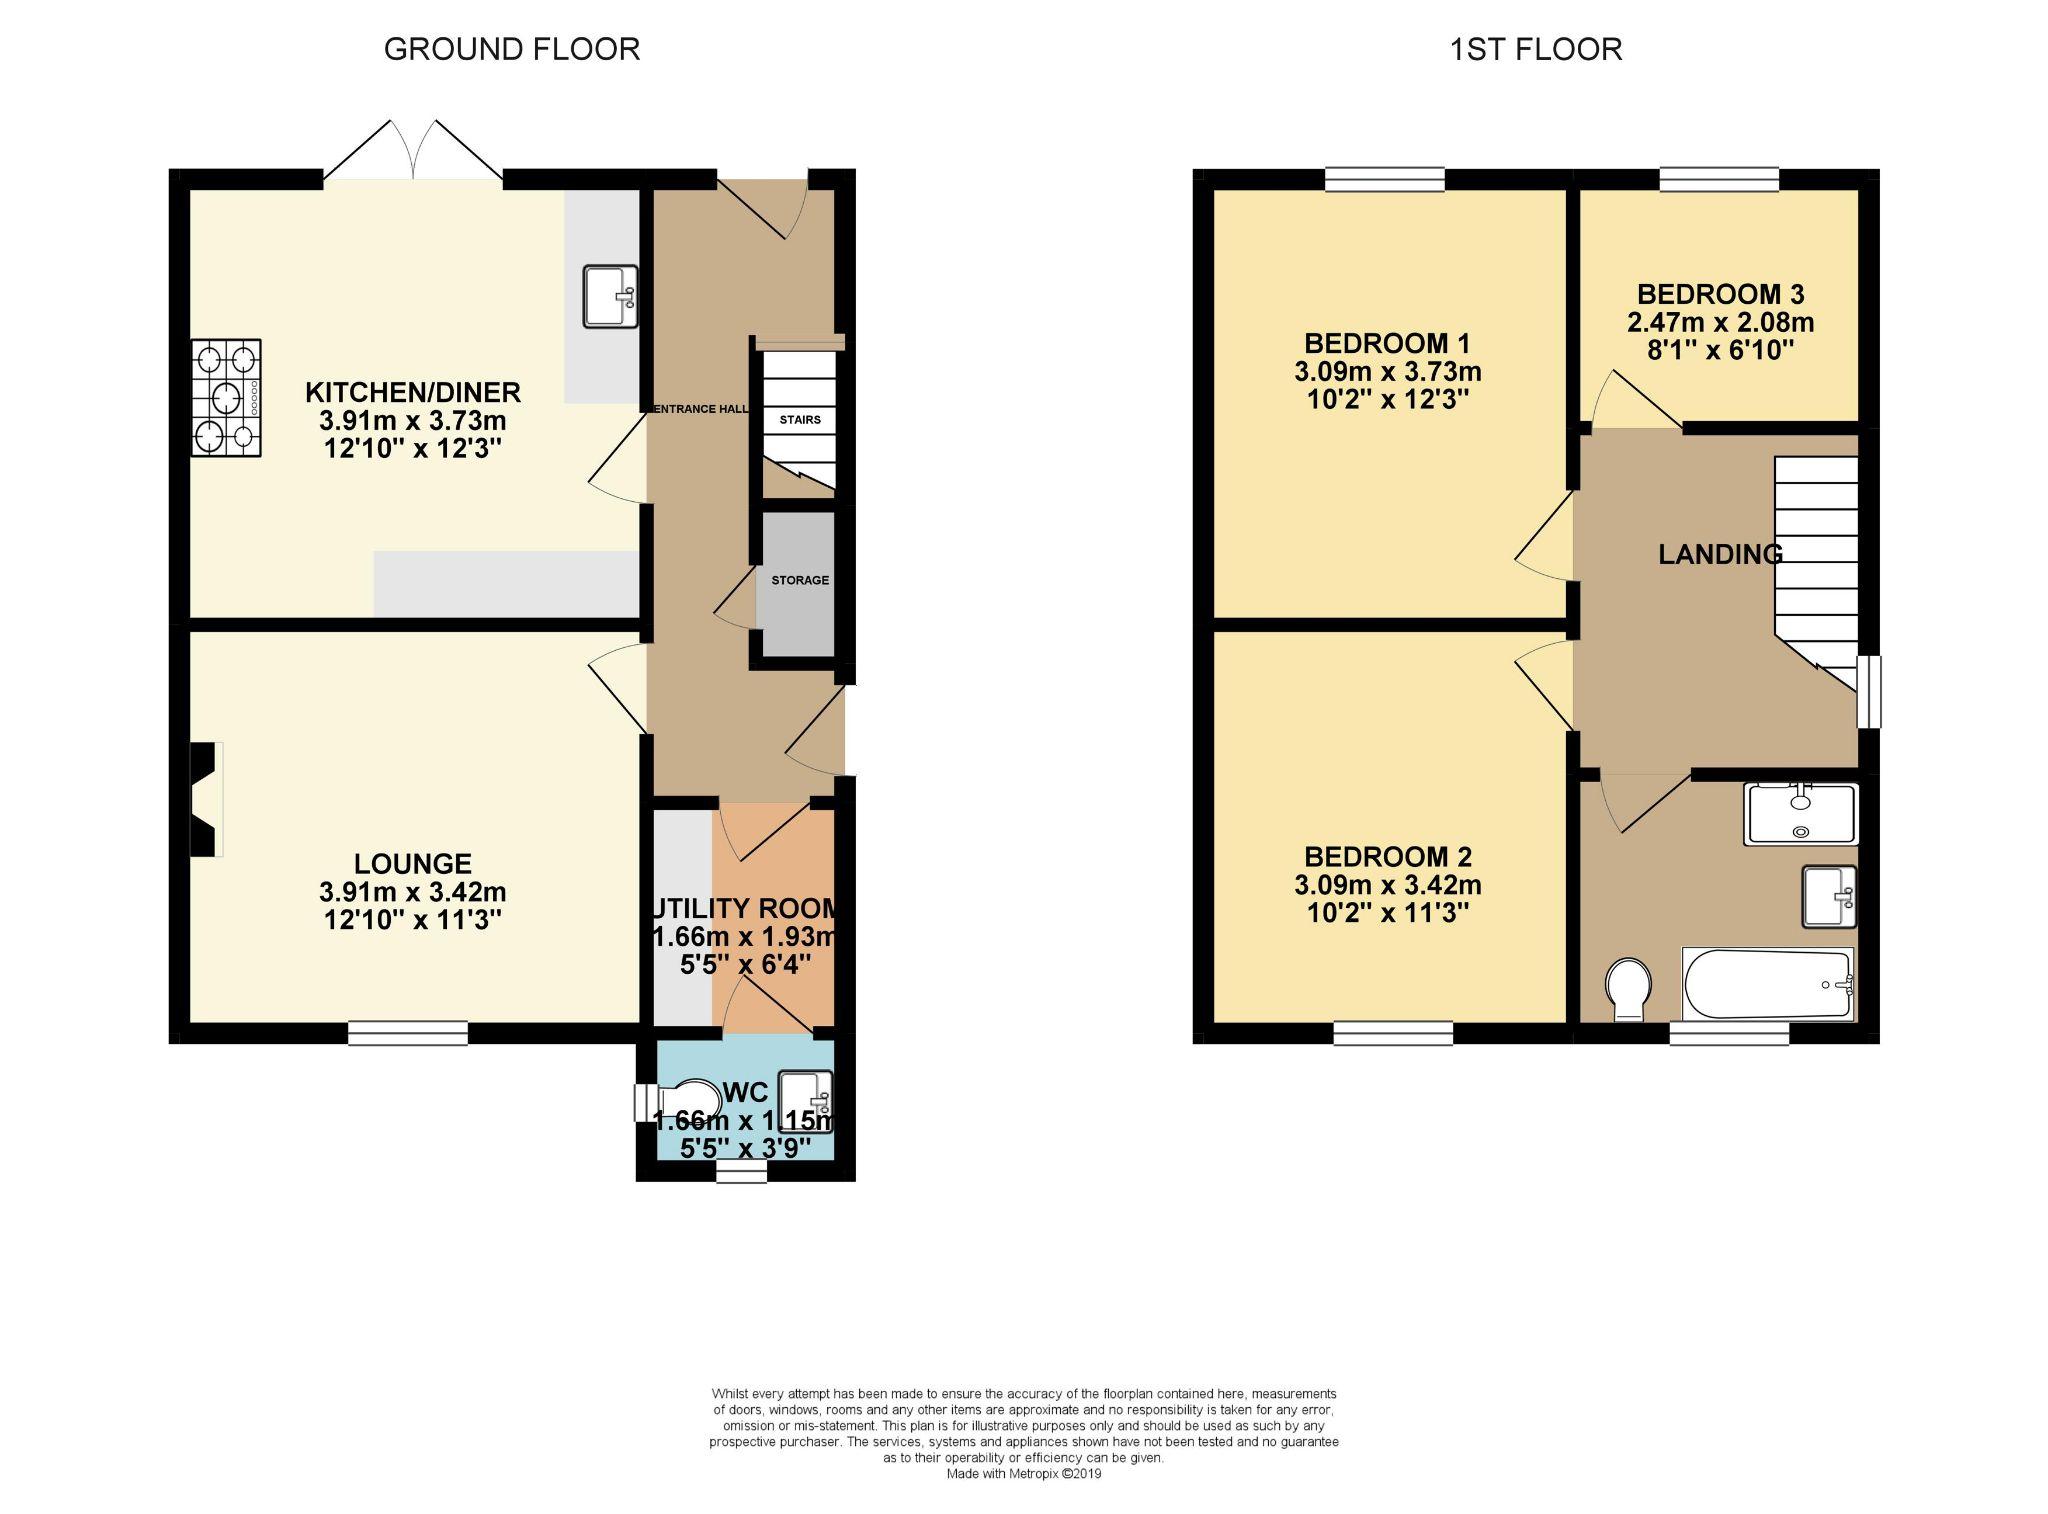 3 bedroom town house SSTC in Halifax - Floorplan 1